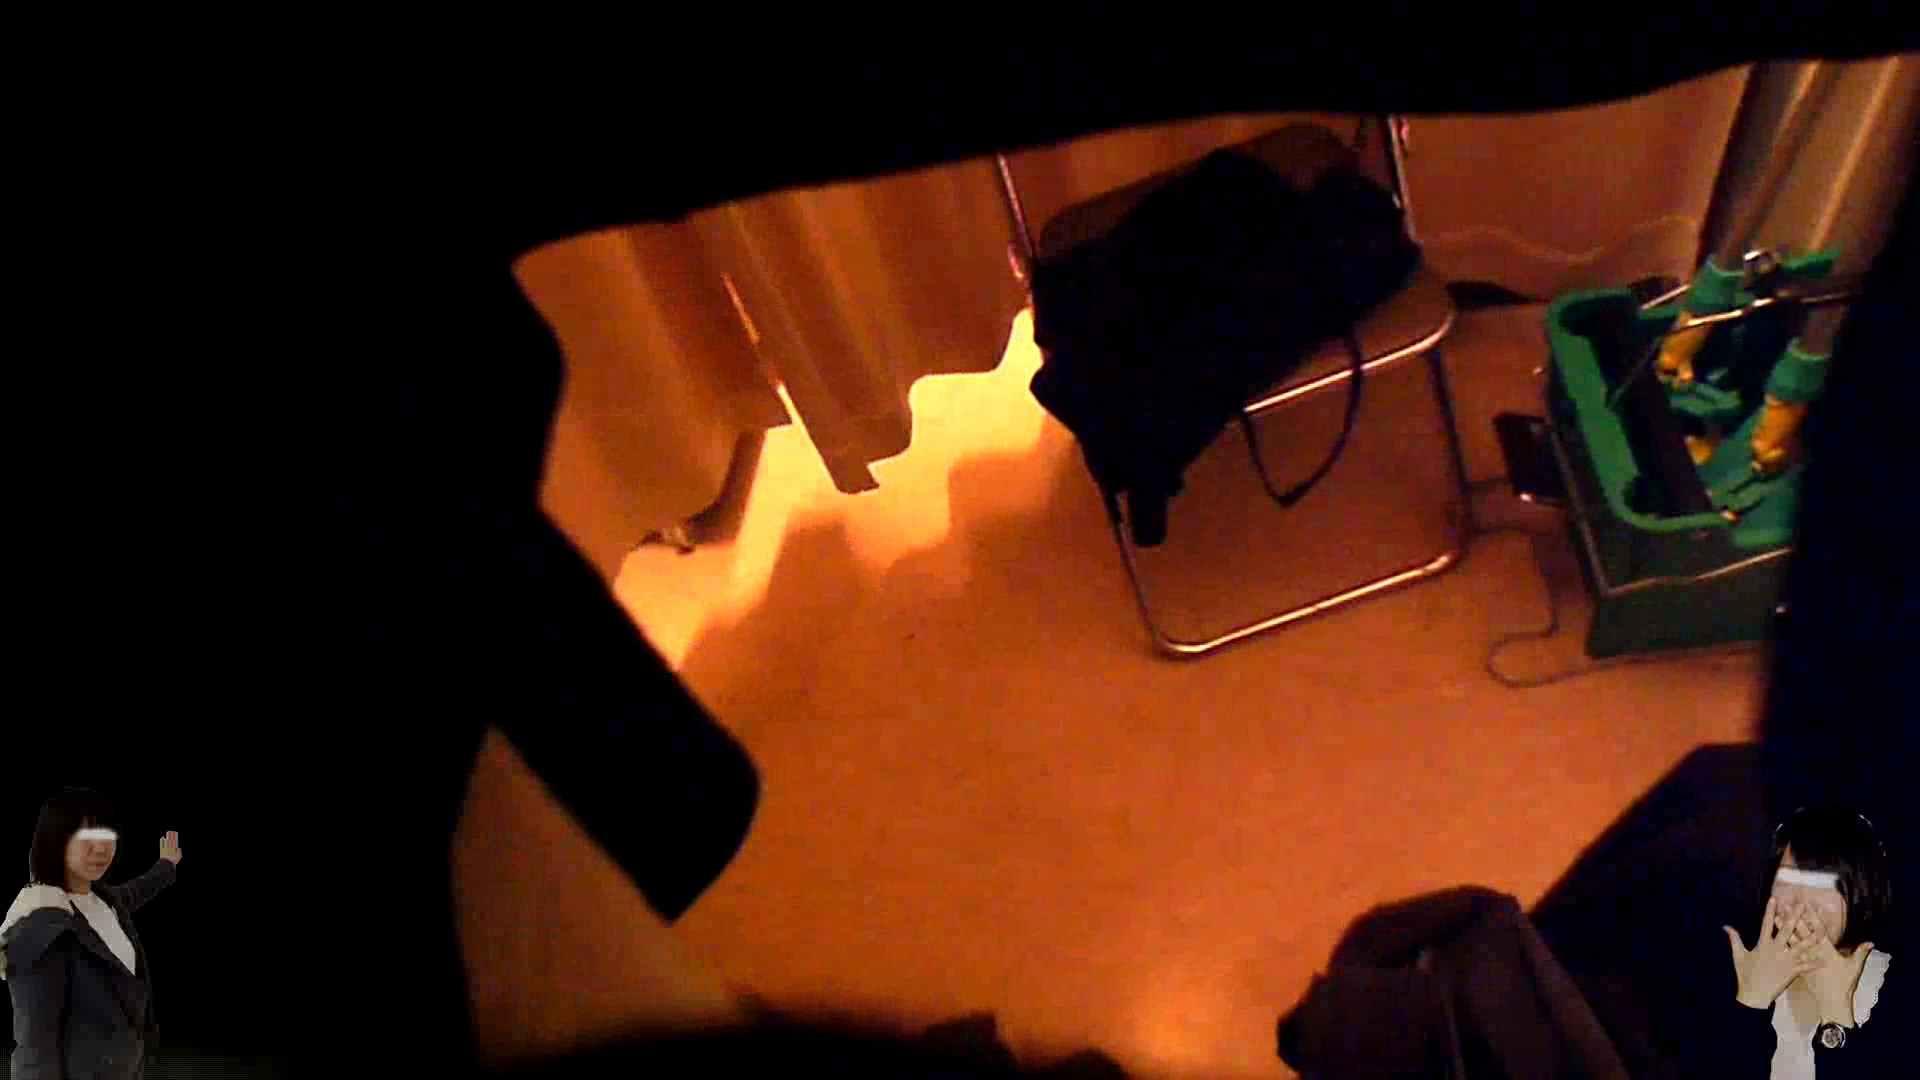 素人投稿 現役「JD」Eちゃんの着替え Vol.04 着替え おまんこ動画流出 107pic 55